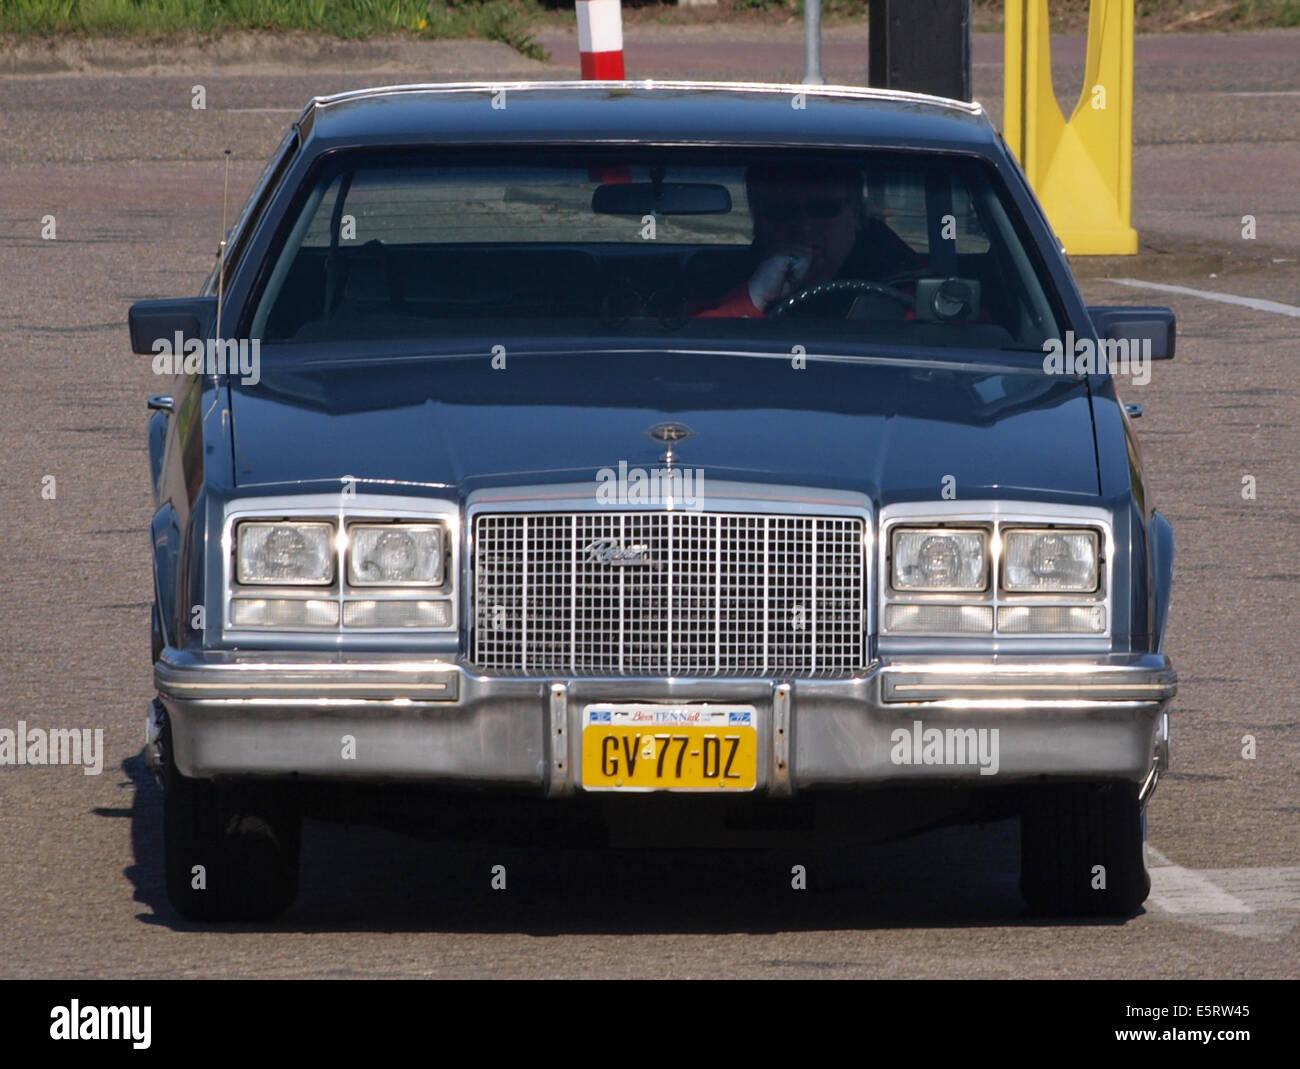 1981 Buick Riviera, niederländischer Lizenz Registrierung GV-77-DZ, pic2 Stockbild